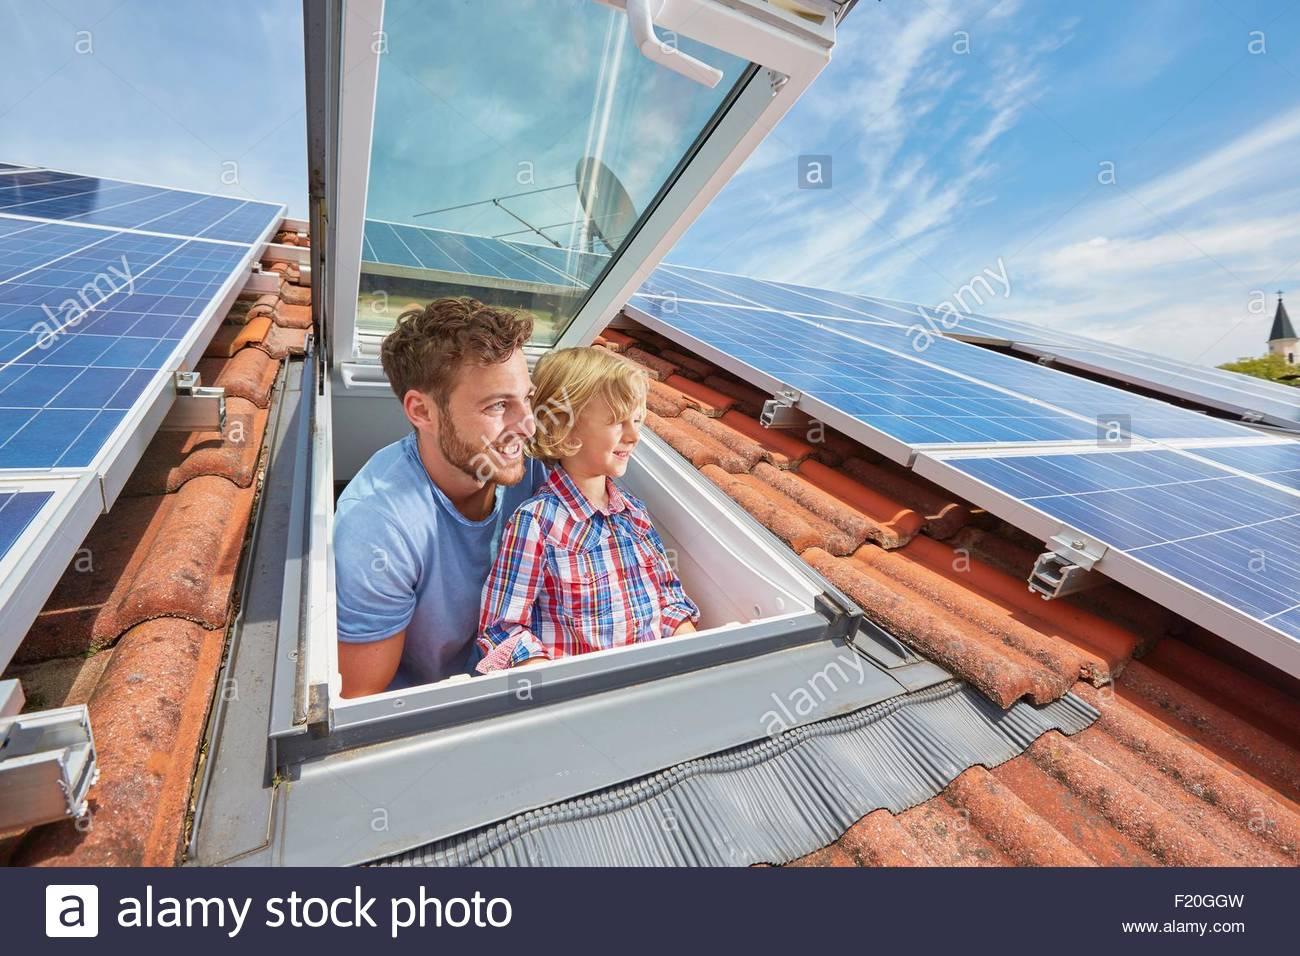 Vater und Sohn Blick aus Fenster von getäfelten Solardach Stockbild